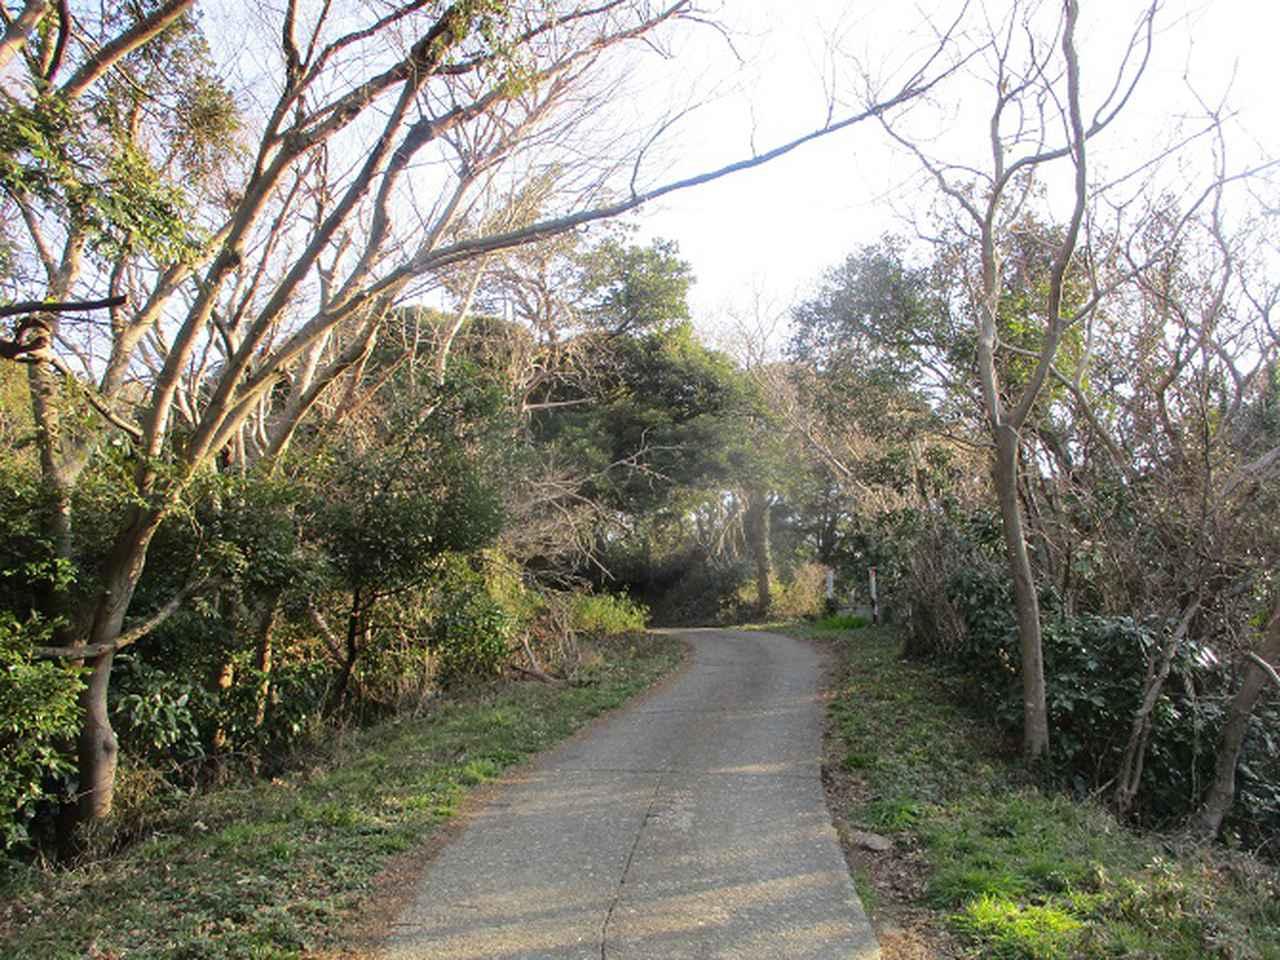 画像1: 3月の山旅会 大楠山から衣笠城跡 ツアーの下見に行ってきました!